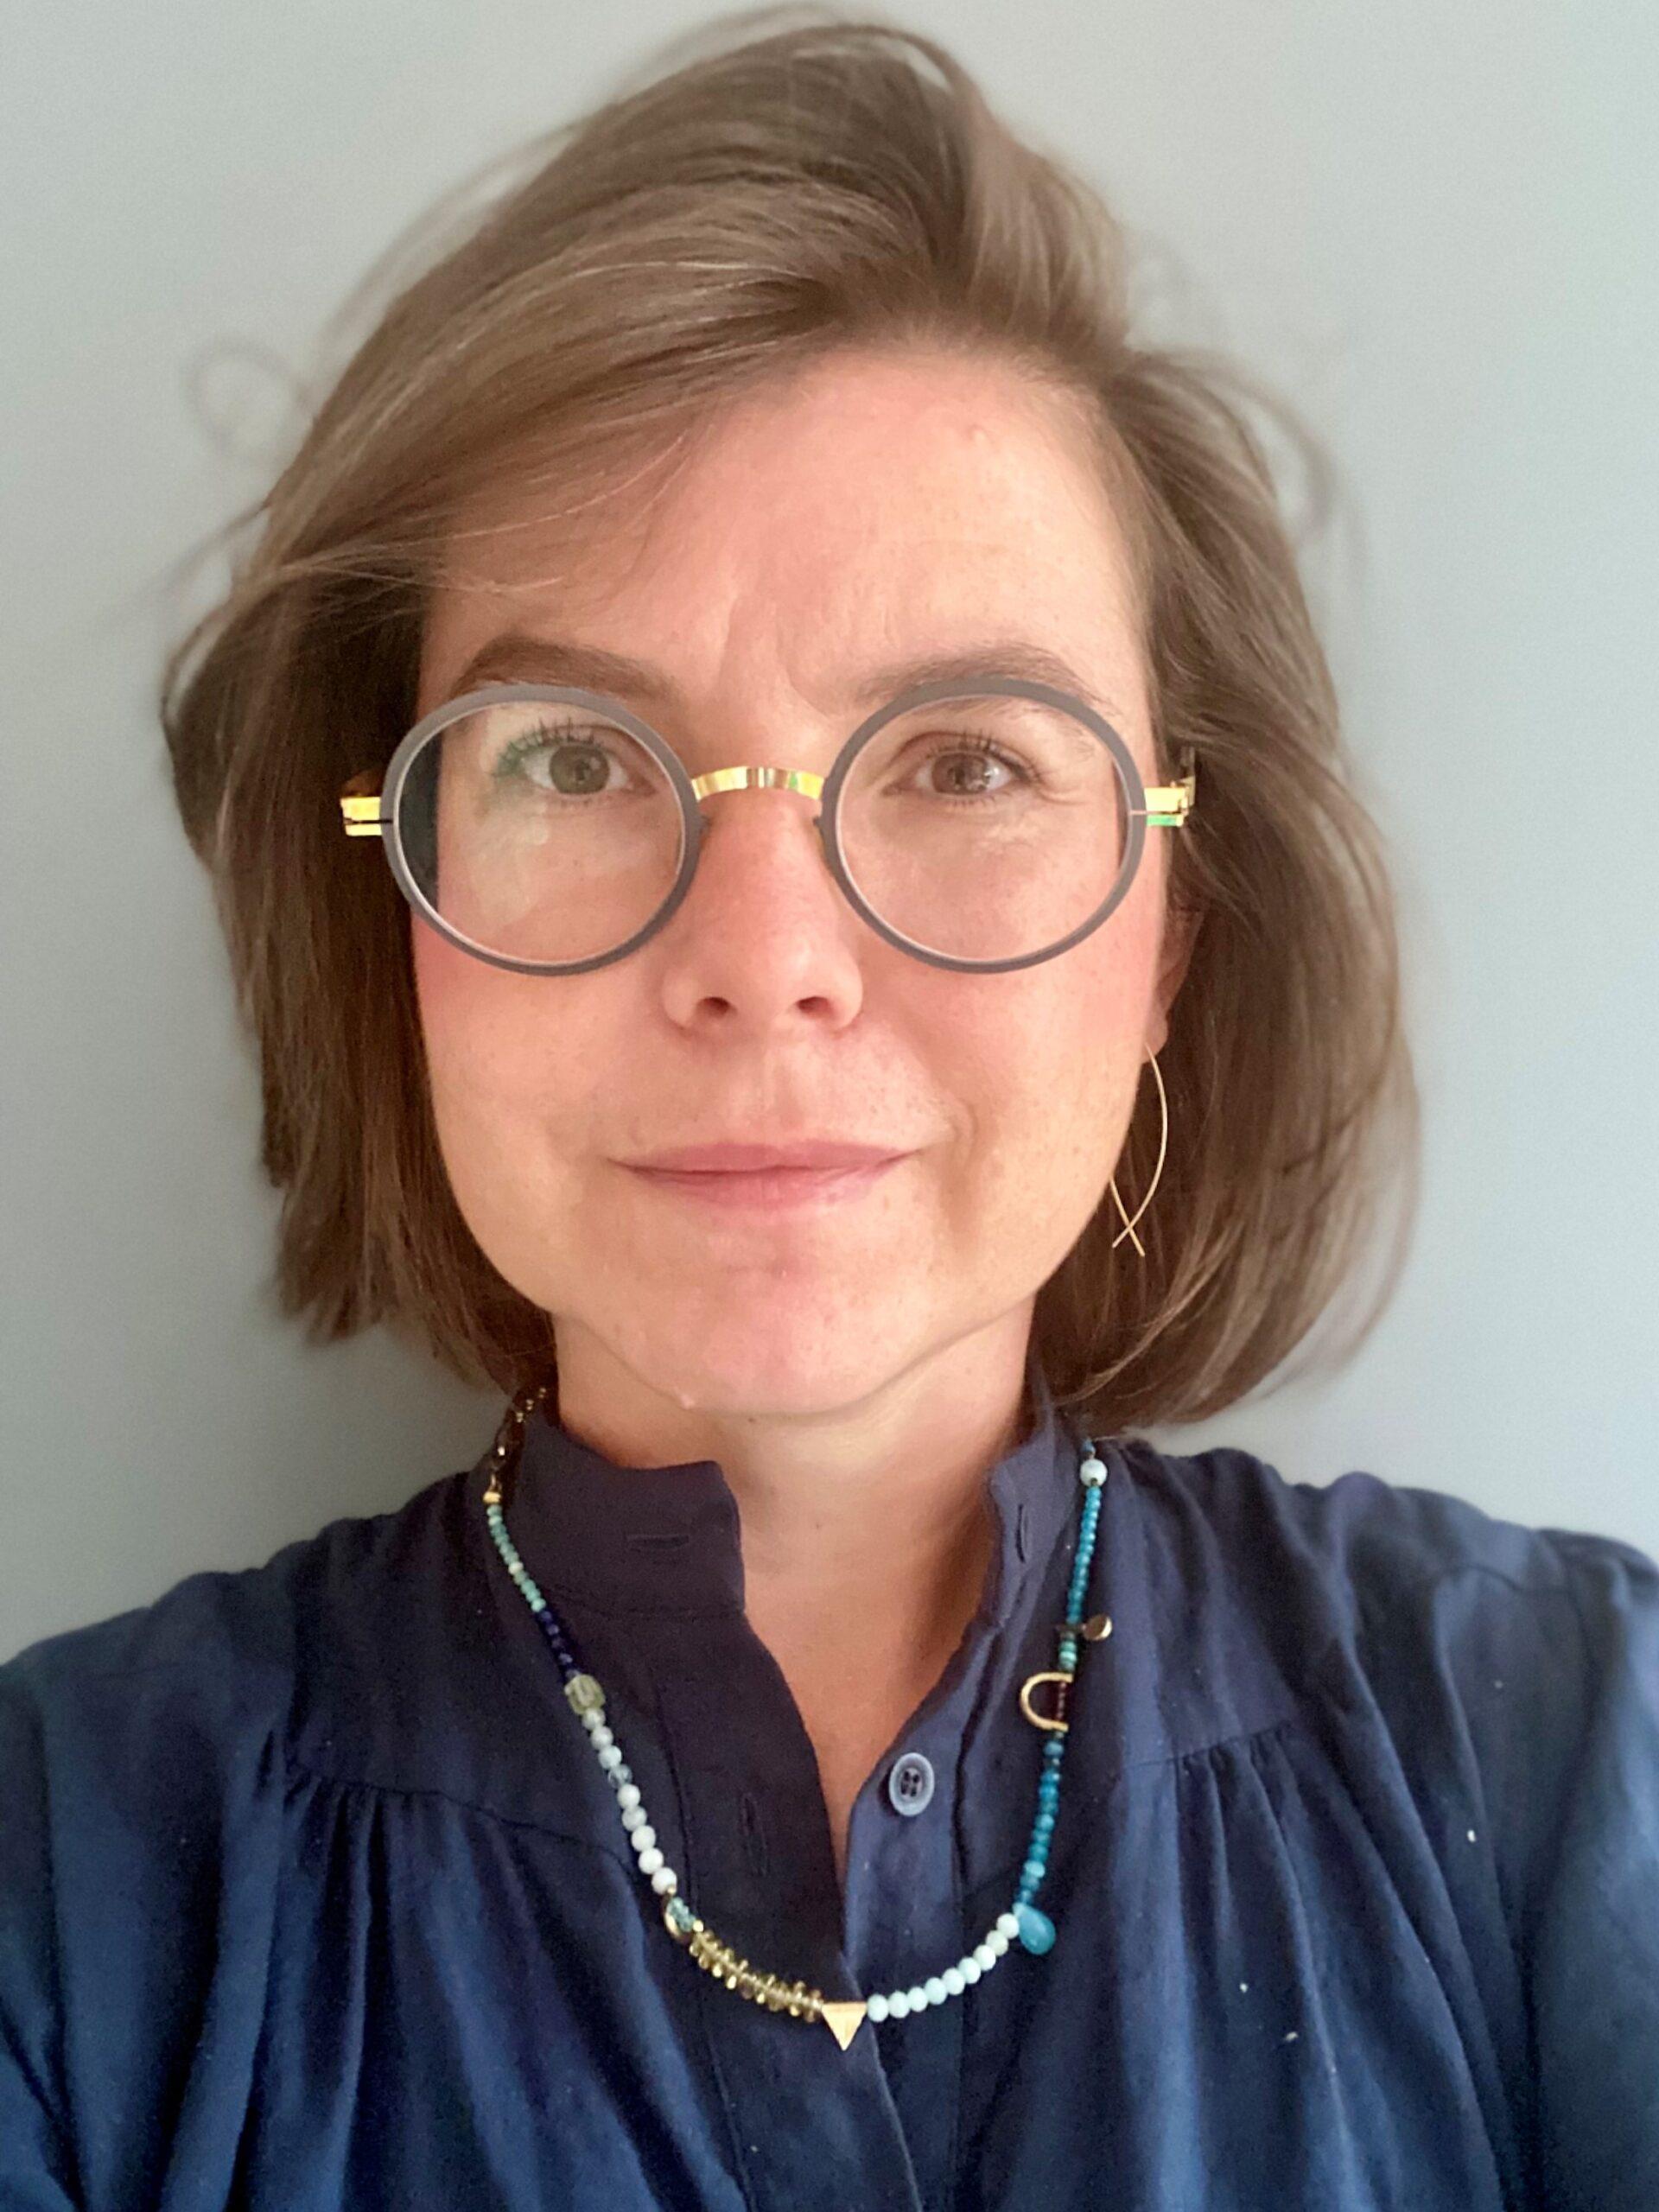 Kasia Bojarska headshot